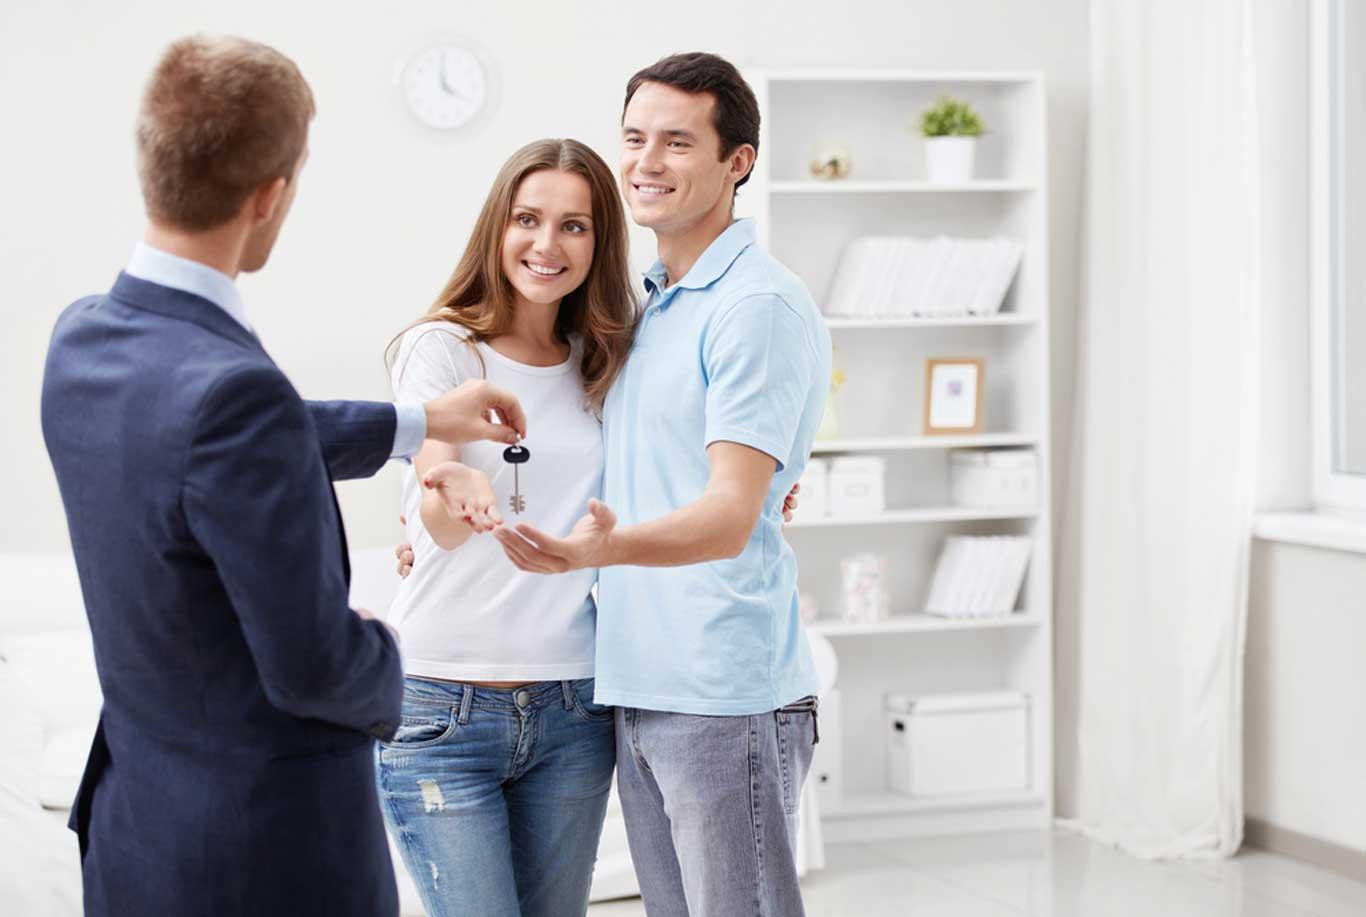 Договор с риэлтором о продаже недвижимости